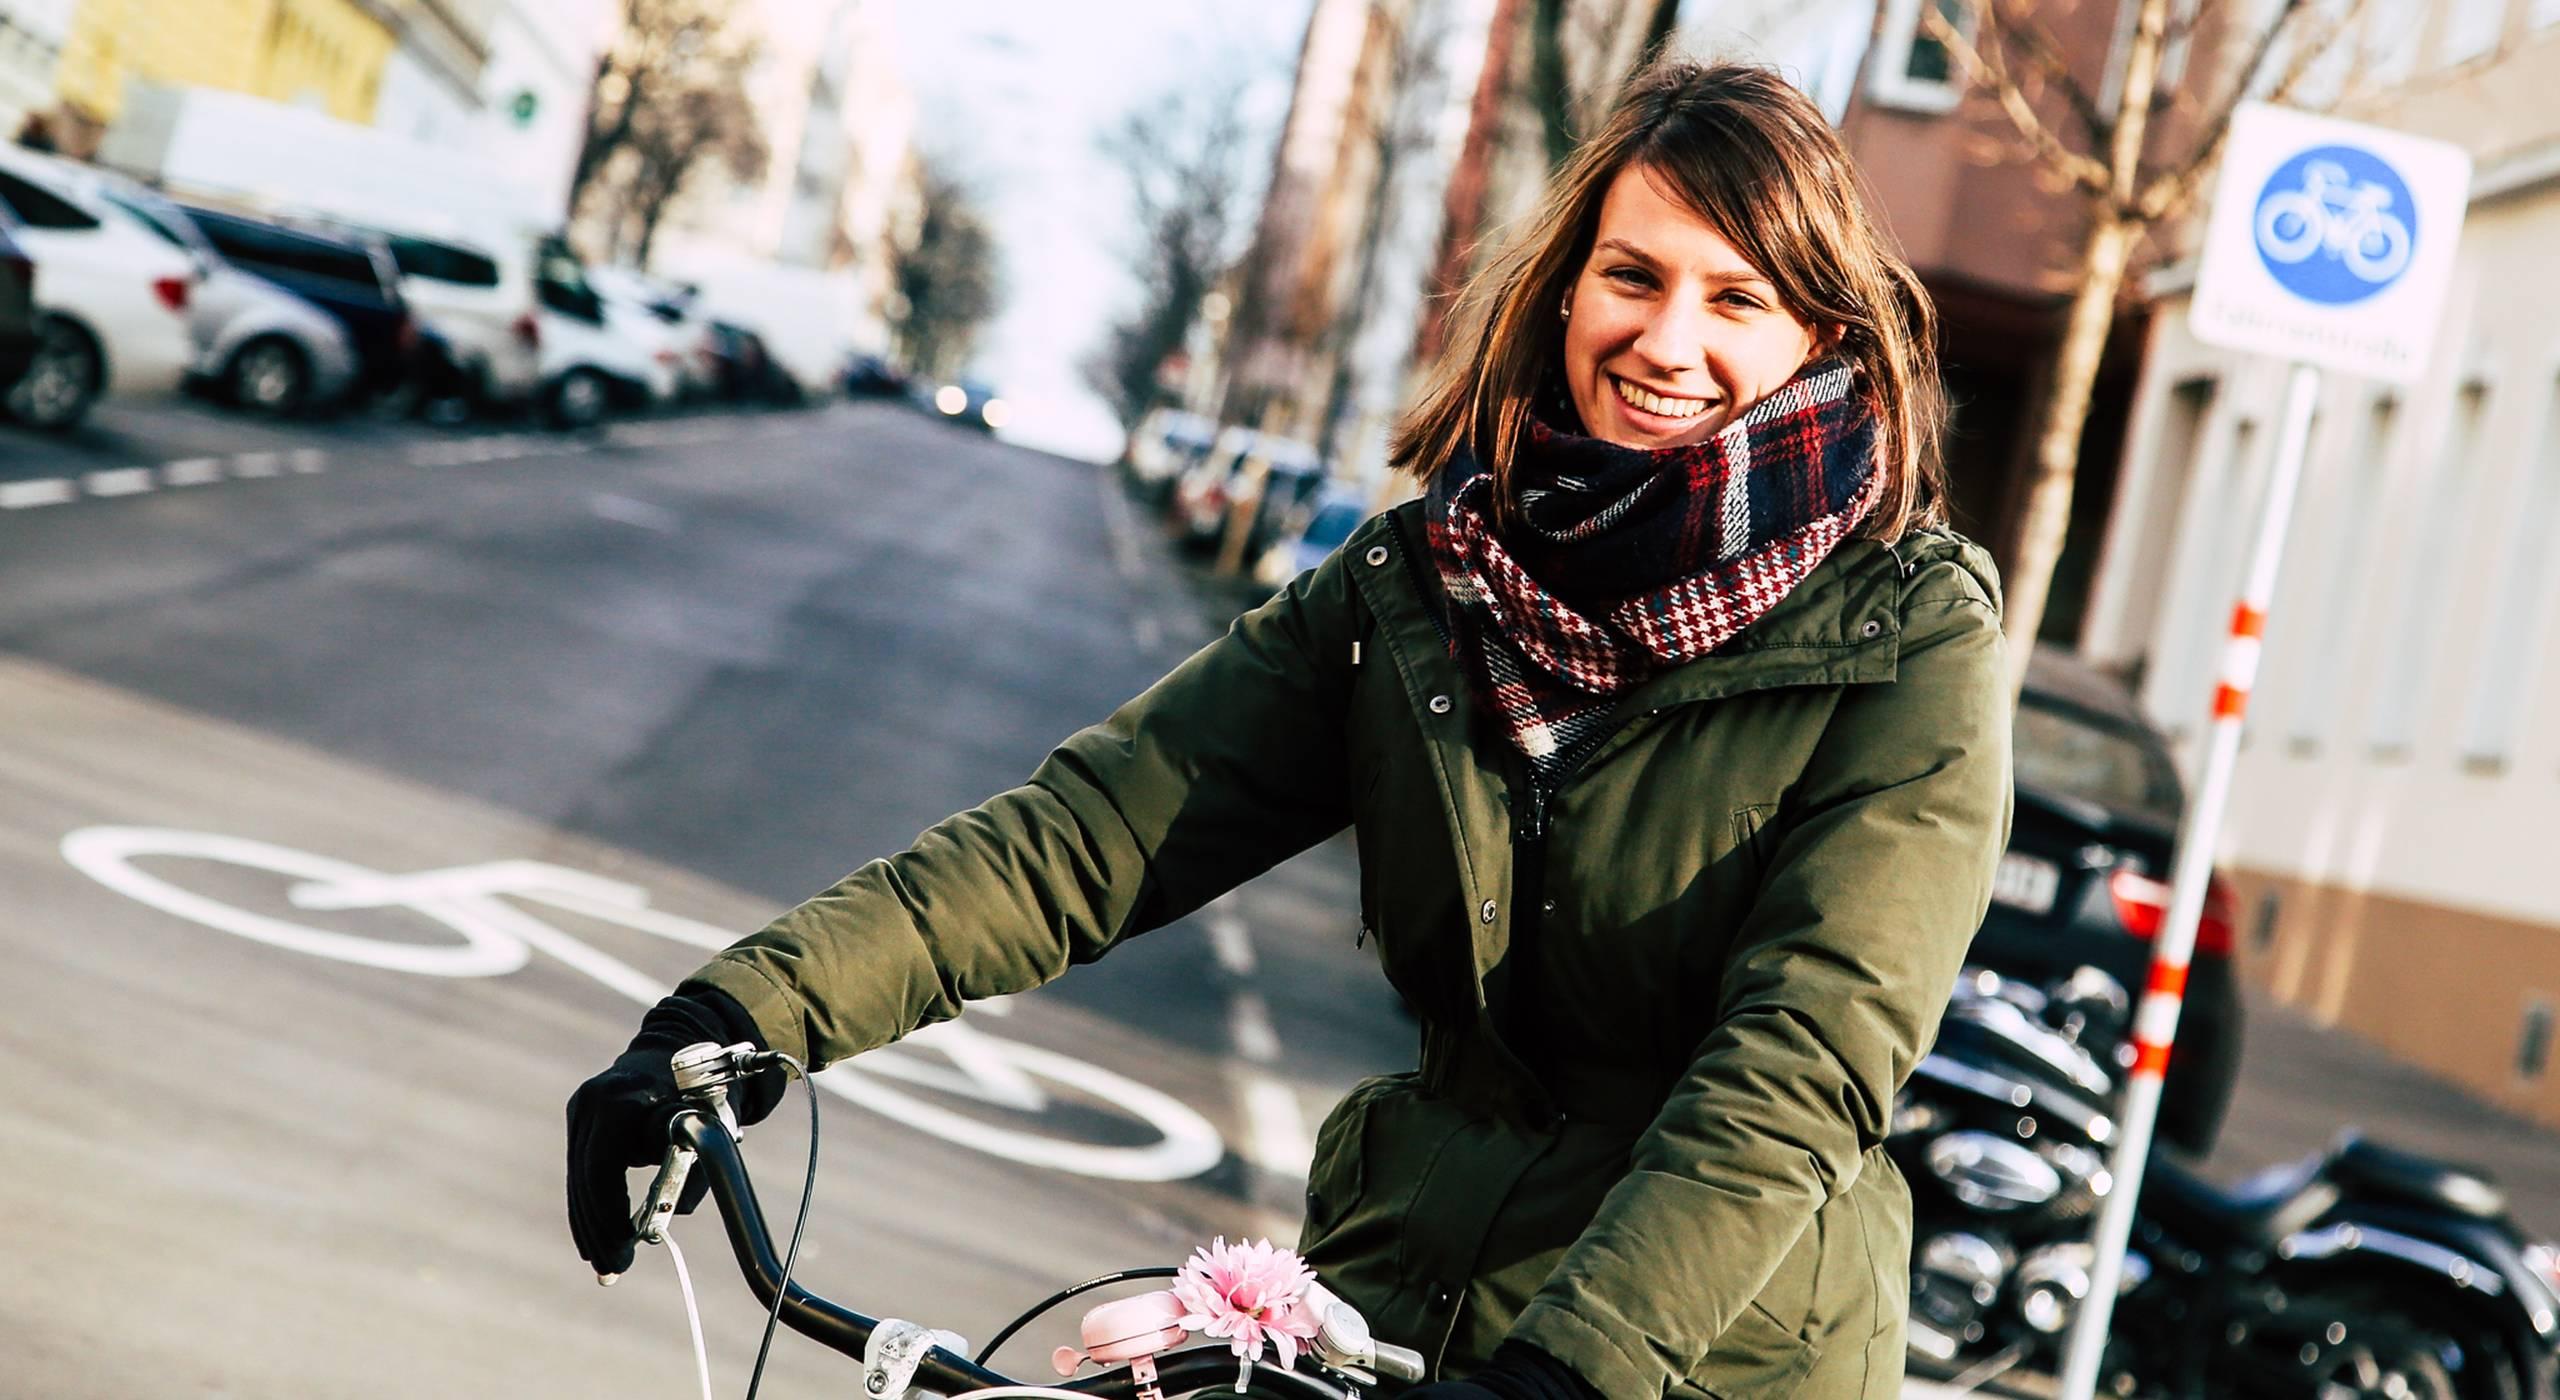 Junge Frau auf dem Fahrrad lächelt in die Kamera. Im Hintergrund sieht man das Schild und das Bodenpiktogramm, die die Fahrradstraße Goldschlagstraße als solche kennzeichnen. Foto: Christian Fürthner